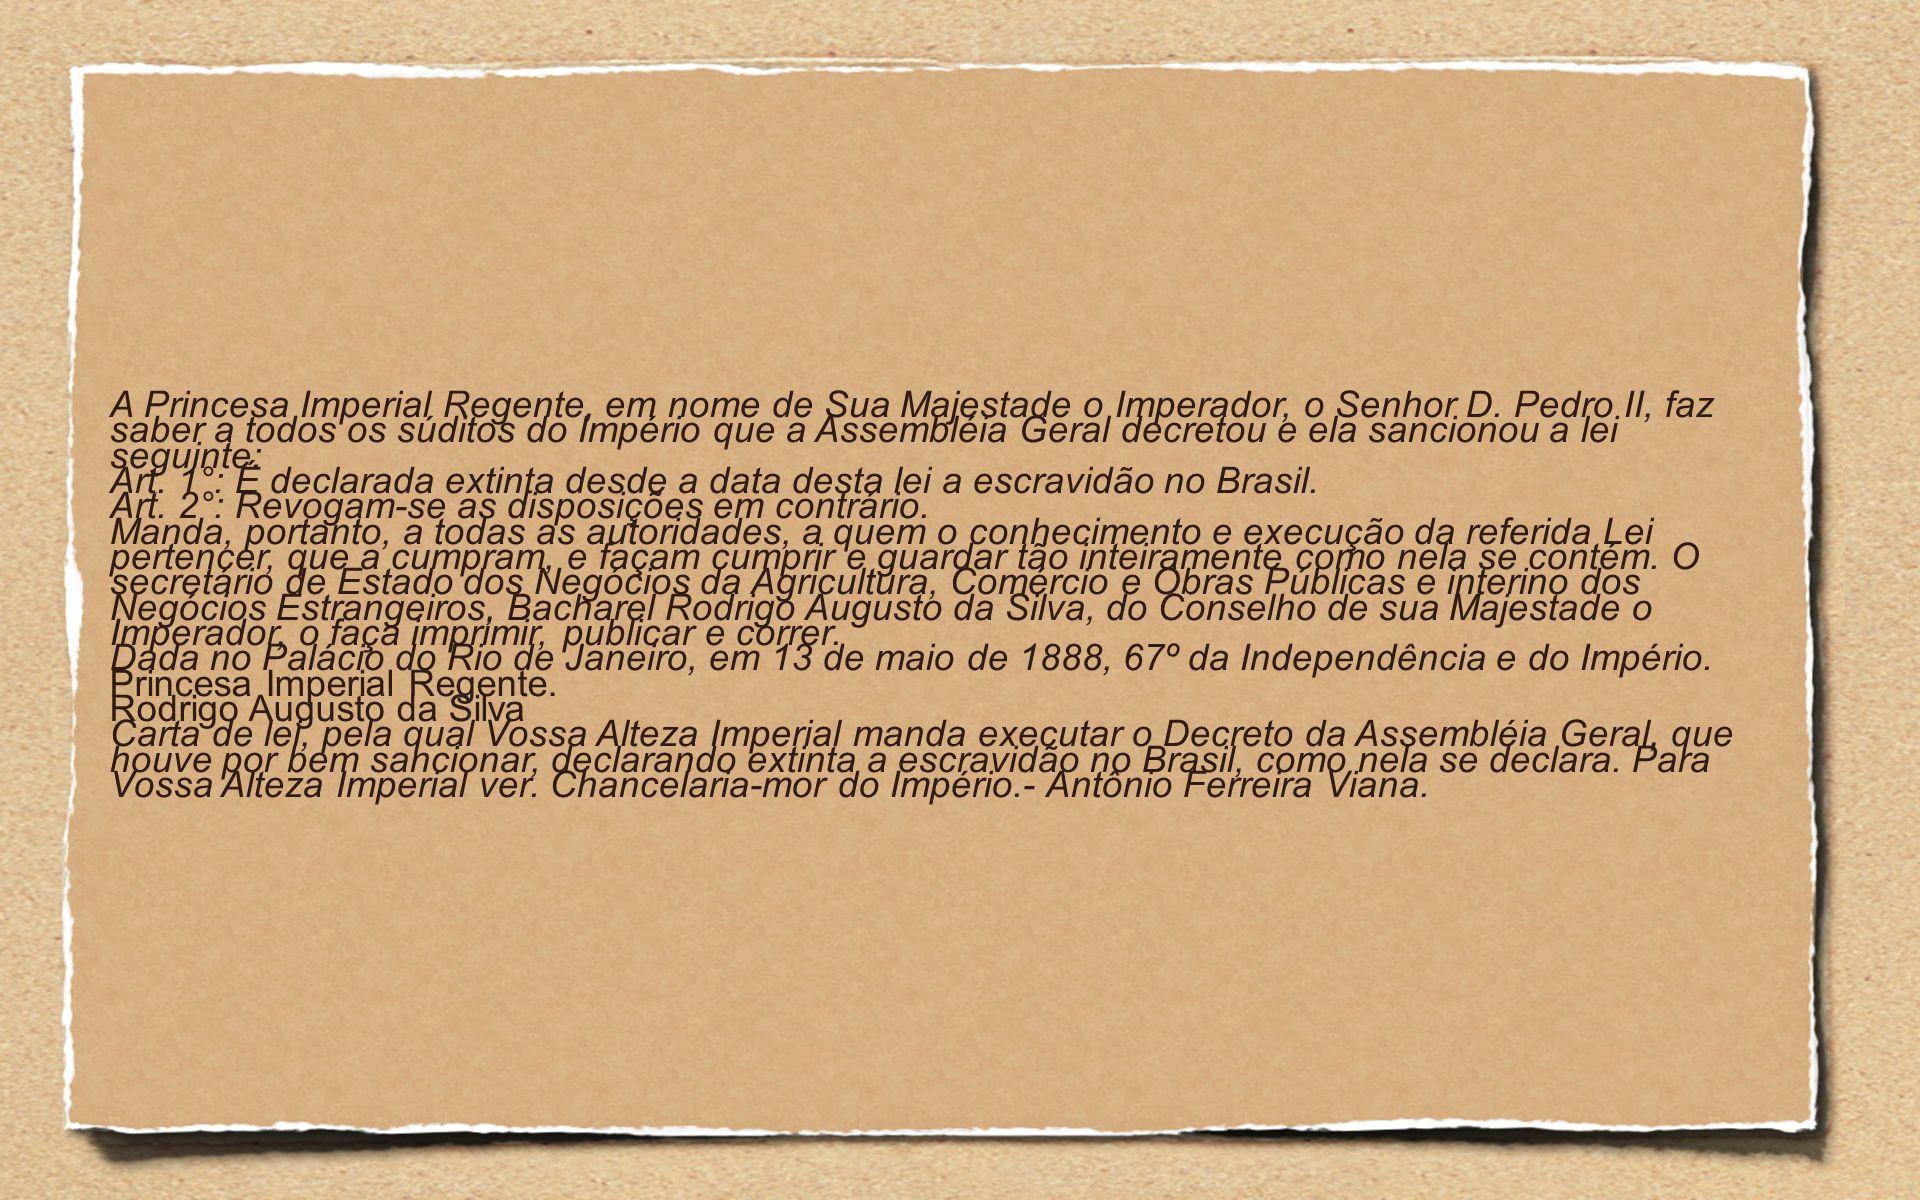 A Princesa Imperial Regente, em nome de Sua Majestade o Imperador, o Senhor D. Pedro II, faz saber a todos os súditos do Império que a Assembléia Geral decretou e ela sancionou a lei seguinte: